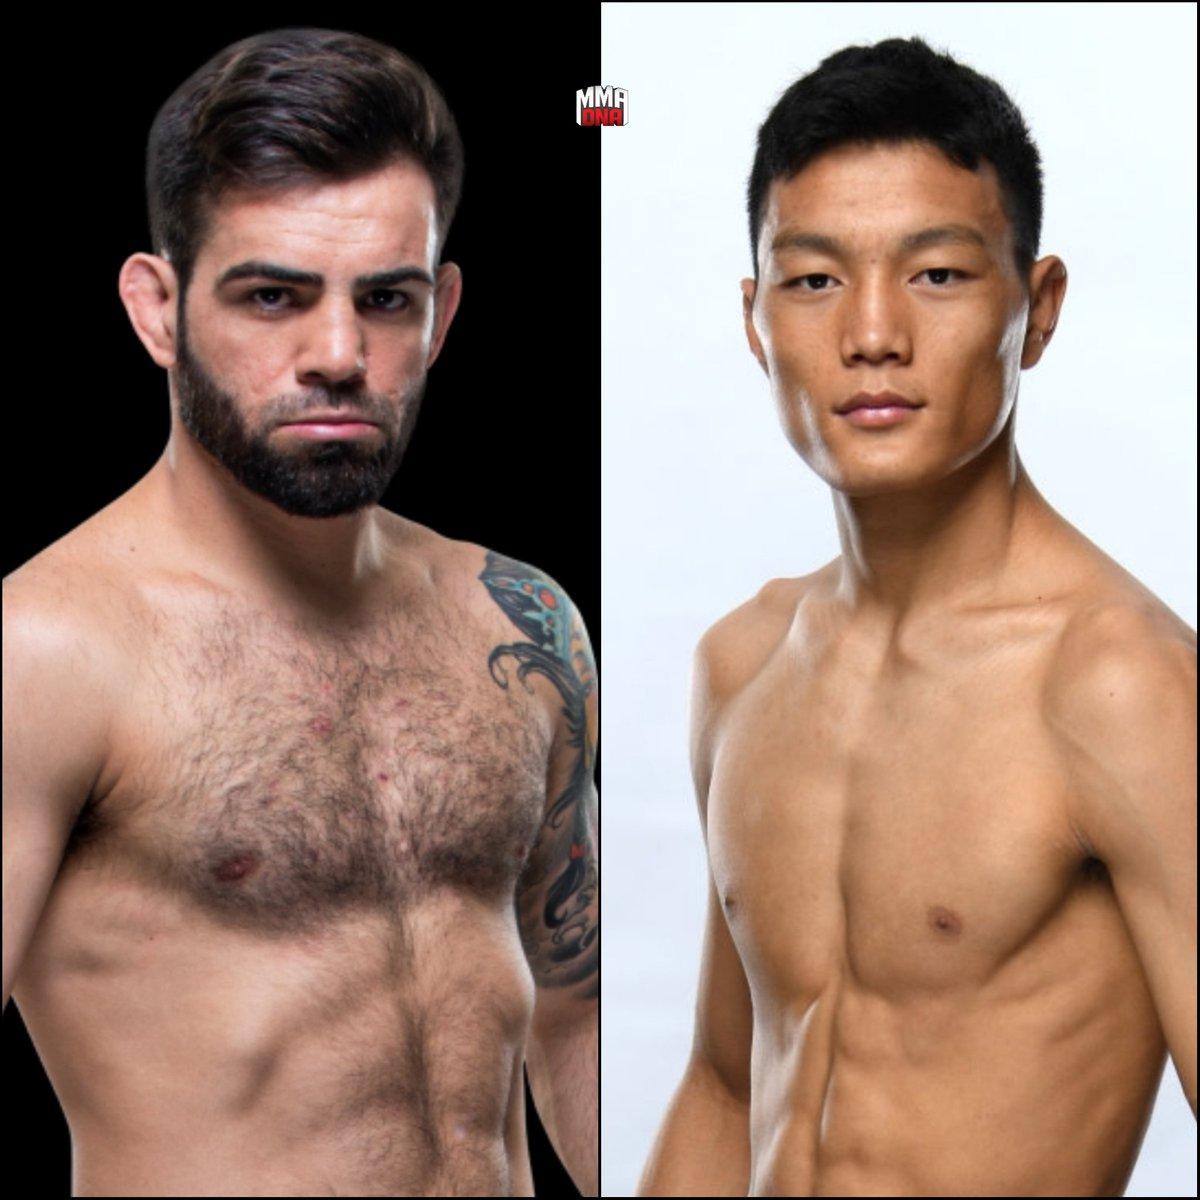 Bruno Silva will fight Su Mudaerji at UFN 170 in Brasilia, Brazil. (Mar. 14, 2020). (per @guicruzzz) #UFC #UFCBrasilia #MMA #UFCESPN